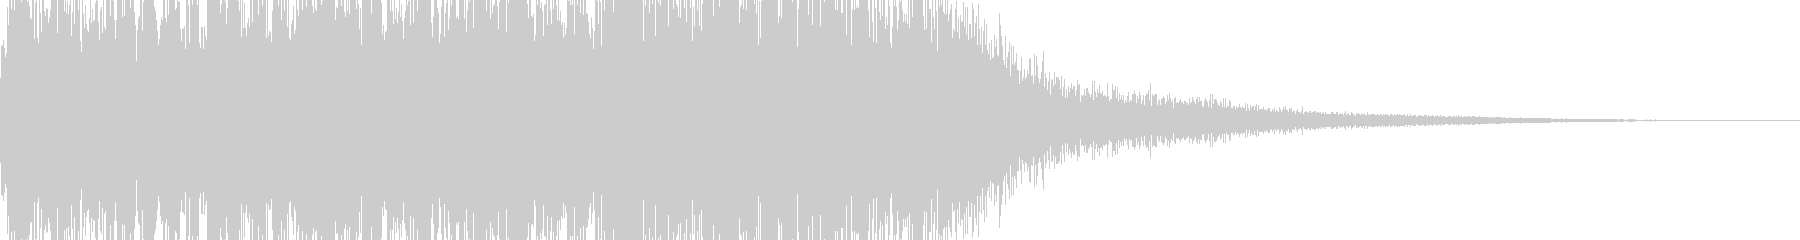 魔法をかける音/マジック/ファンタジーの未再生の波形